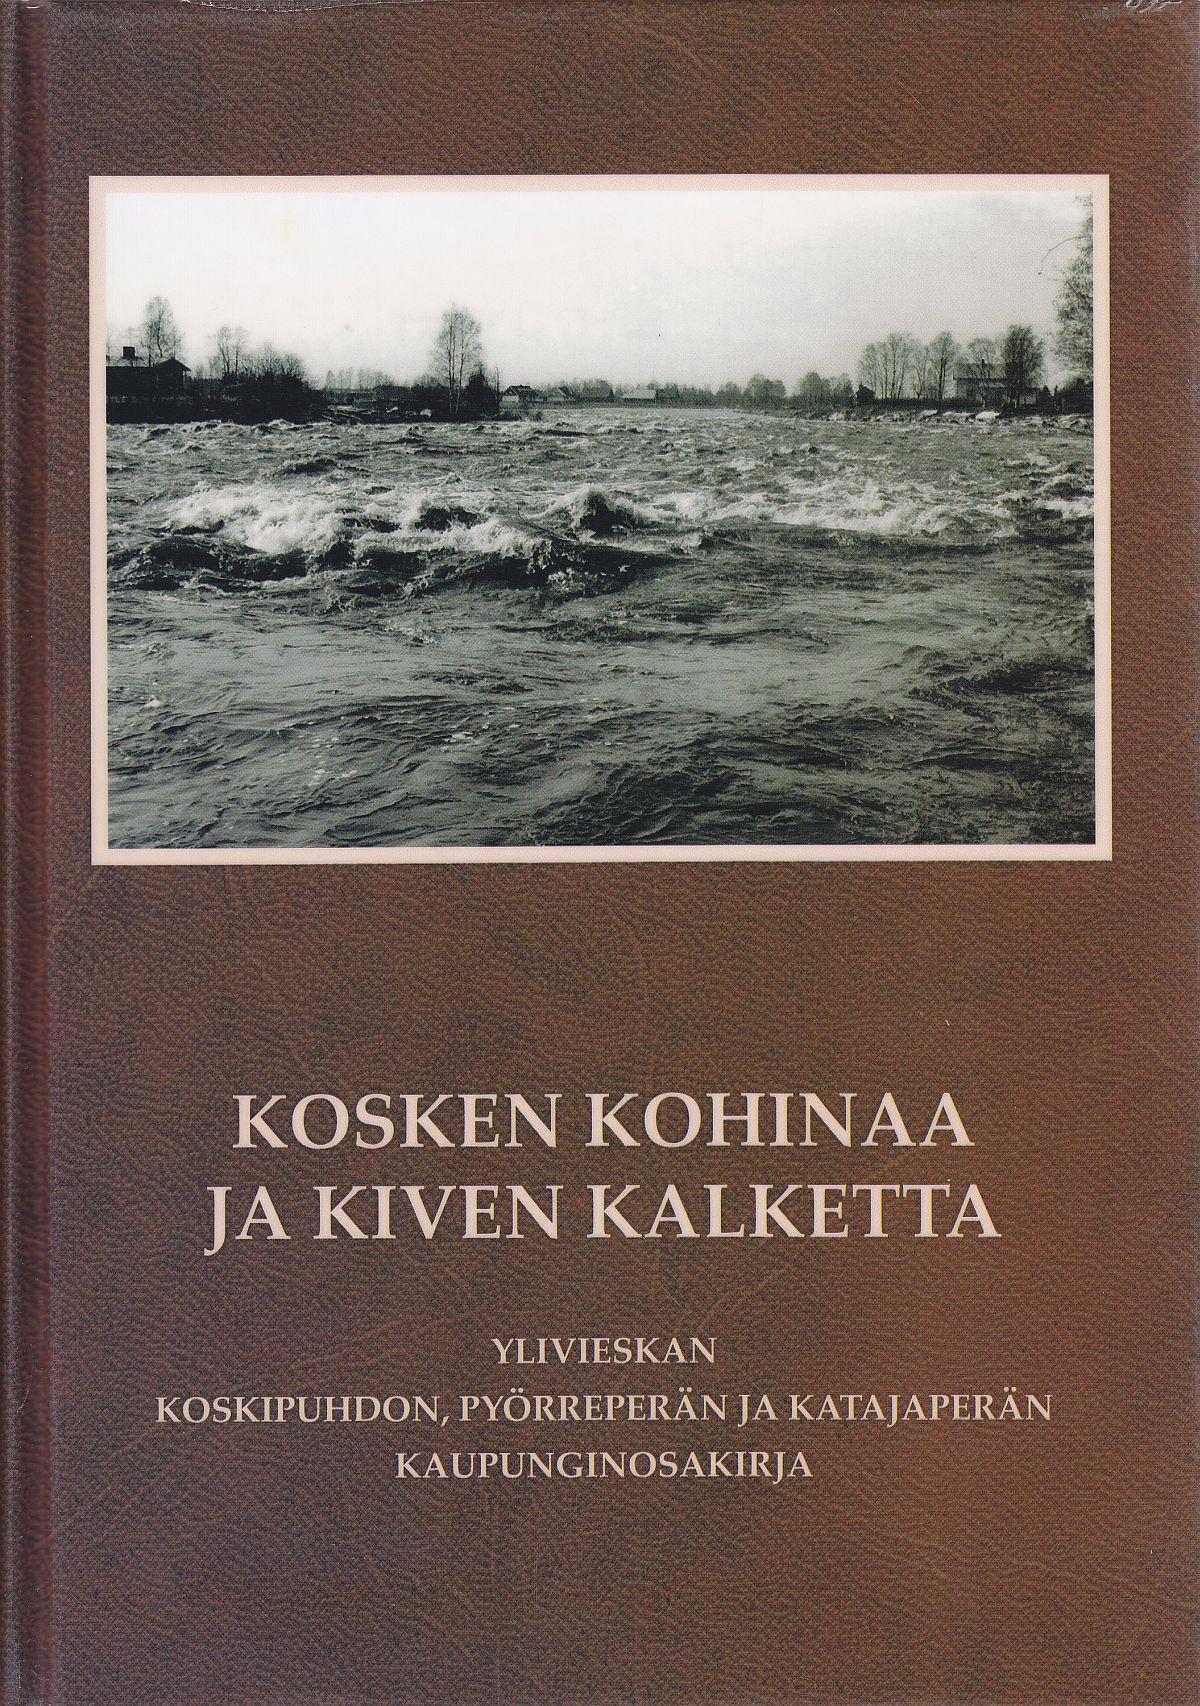 Kosken kohinaa ja kiven kalketta -teoksen kannessa on kuva Hannunkoskesta (Hamarinkoski) kevättulvan aikaan 1983.